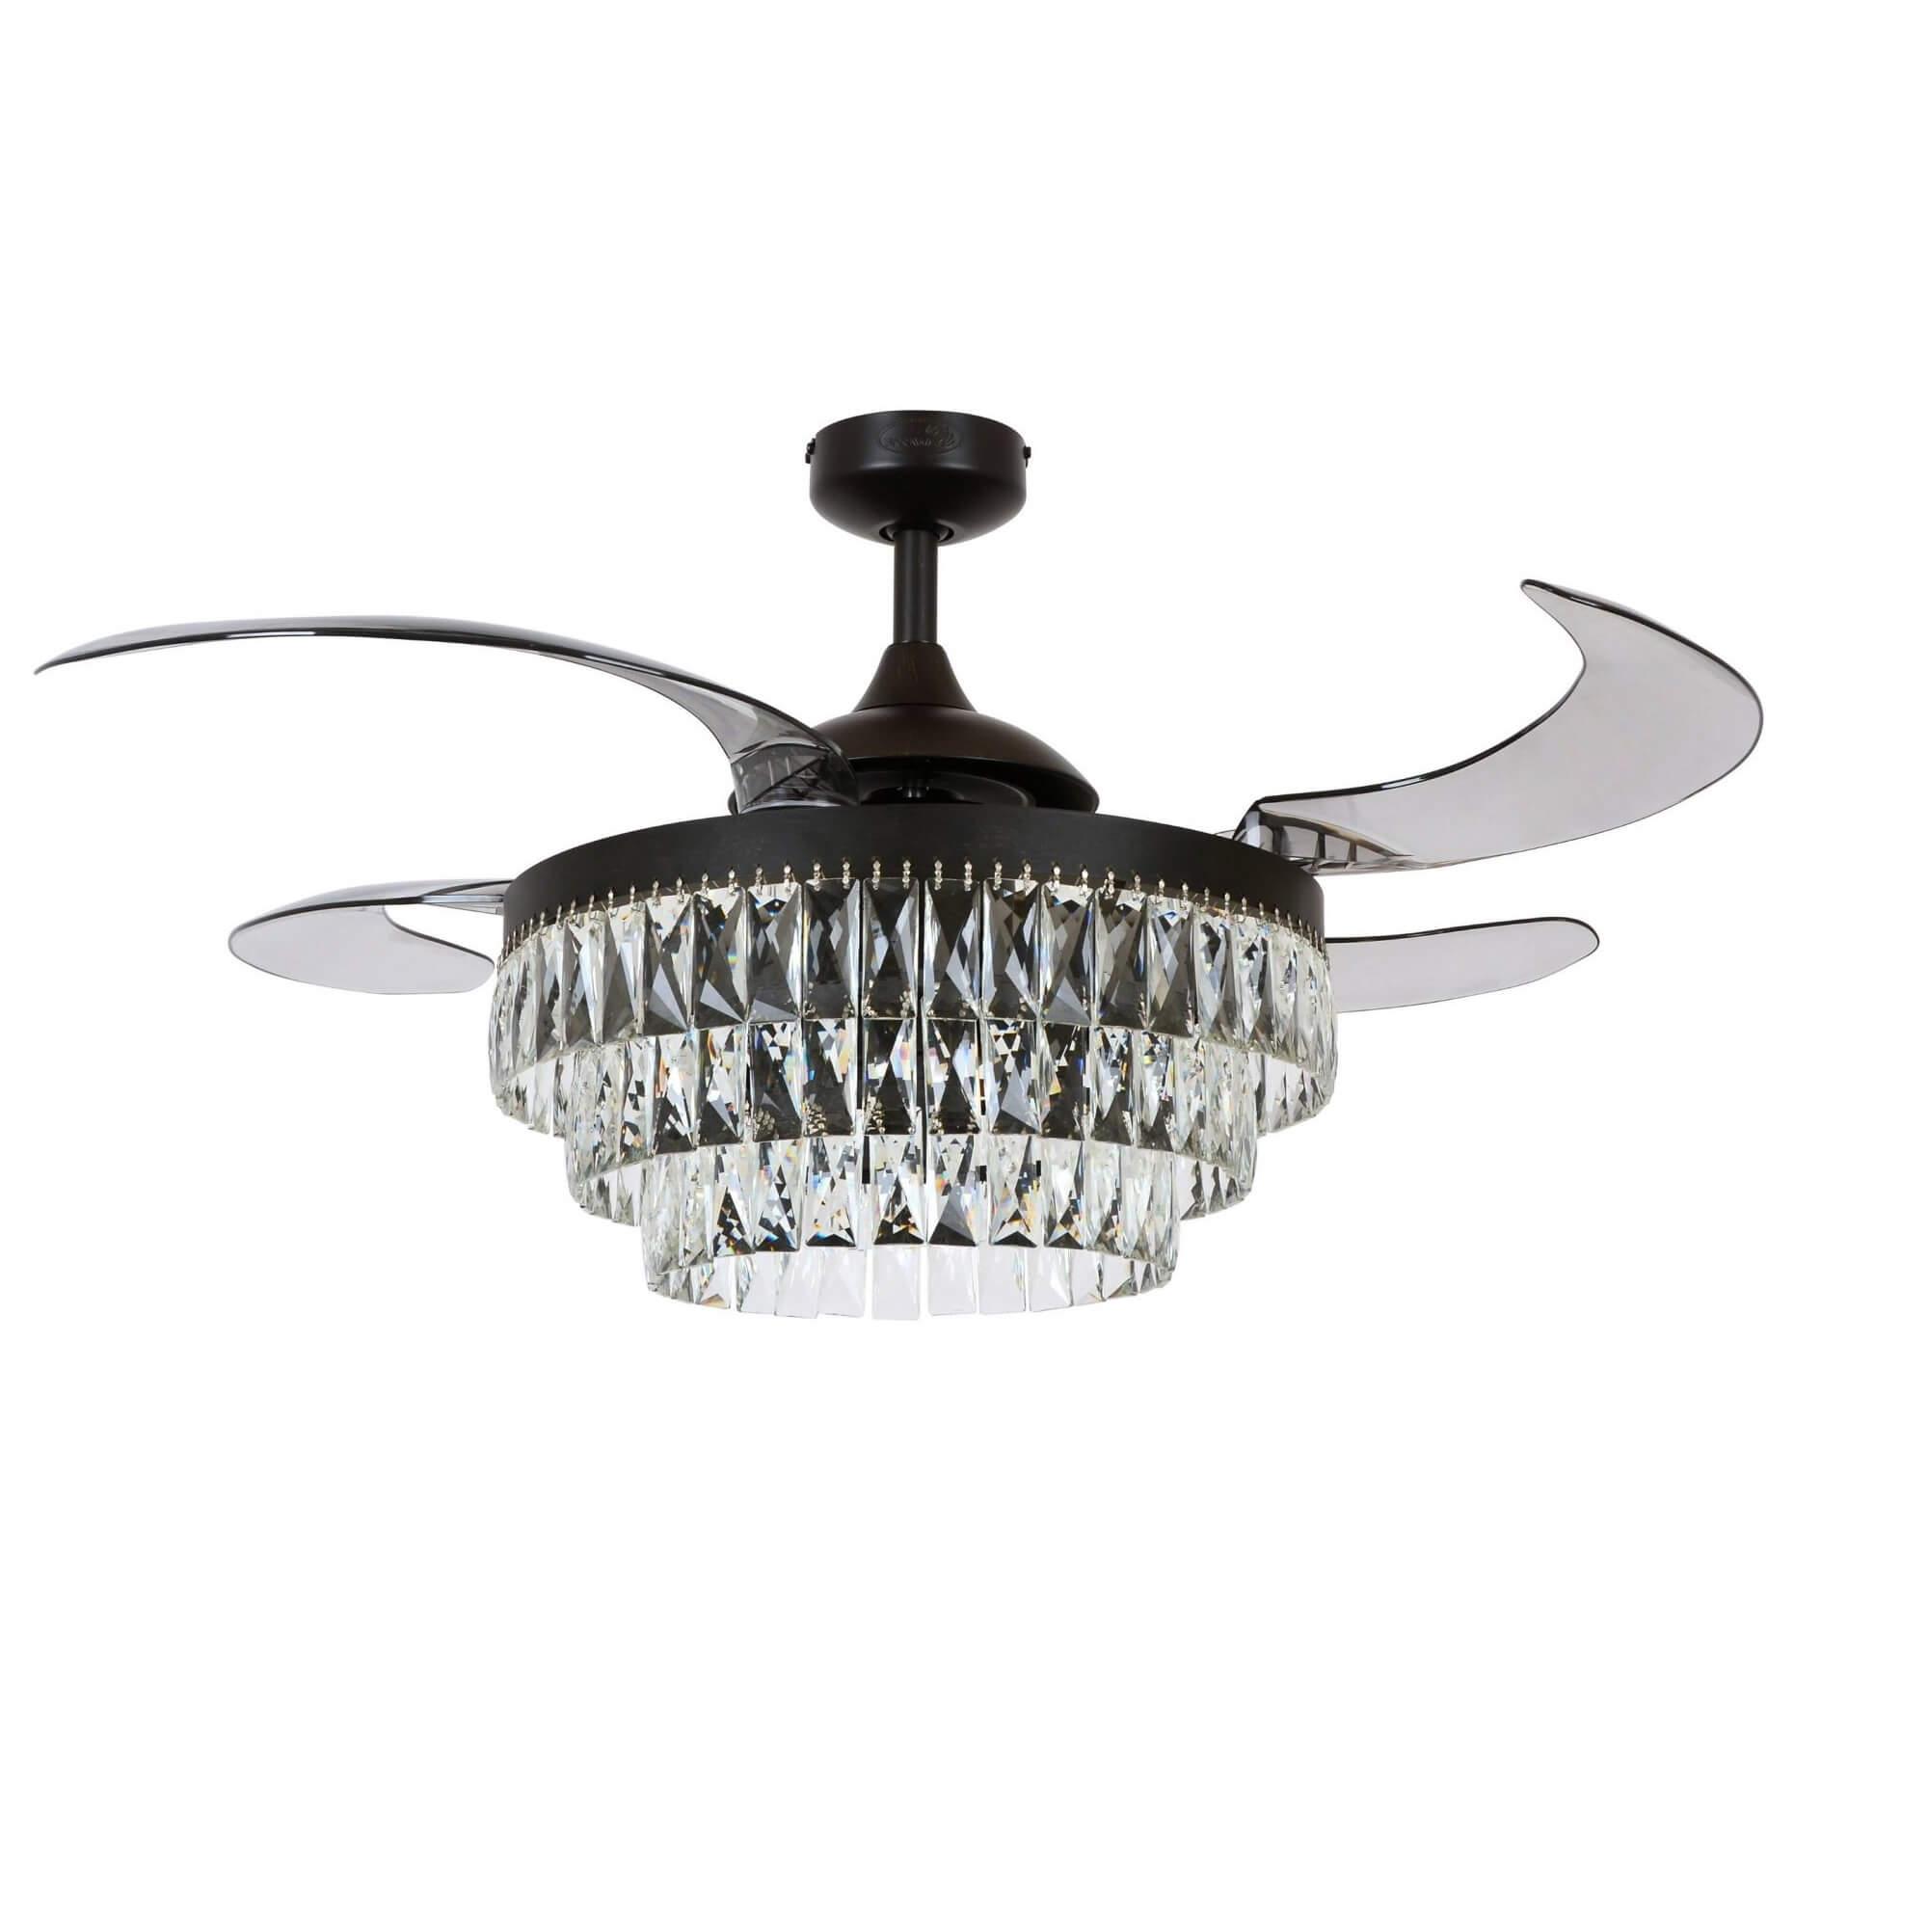 Stropný ventilátor Fanaway Veil 212922